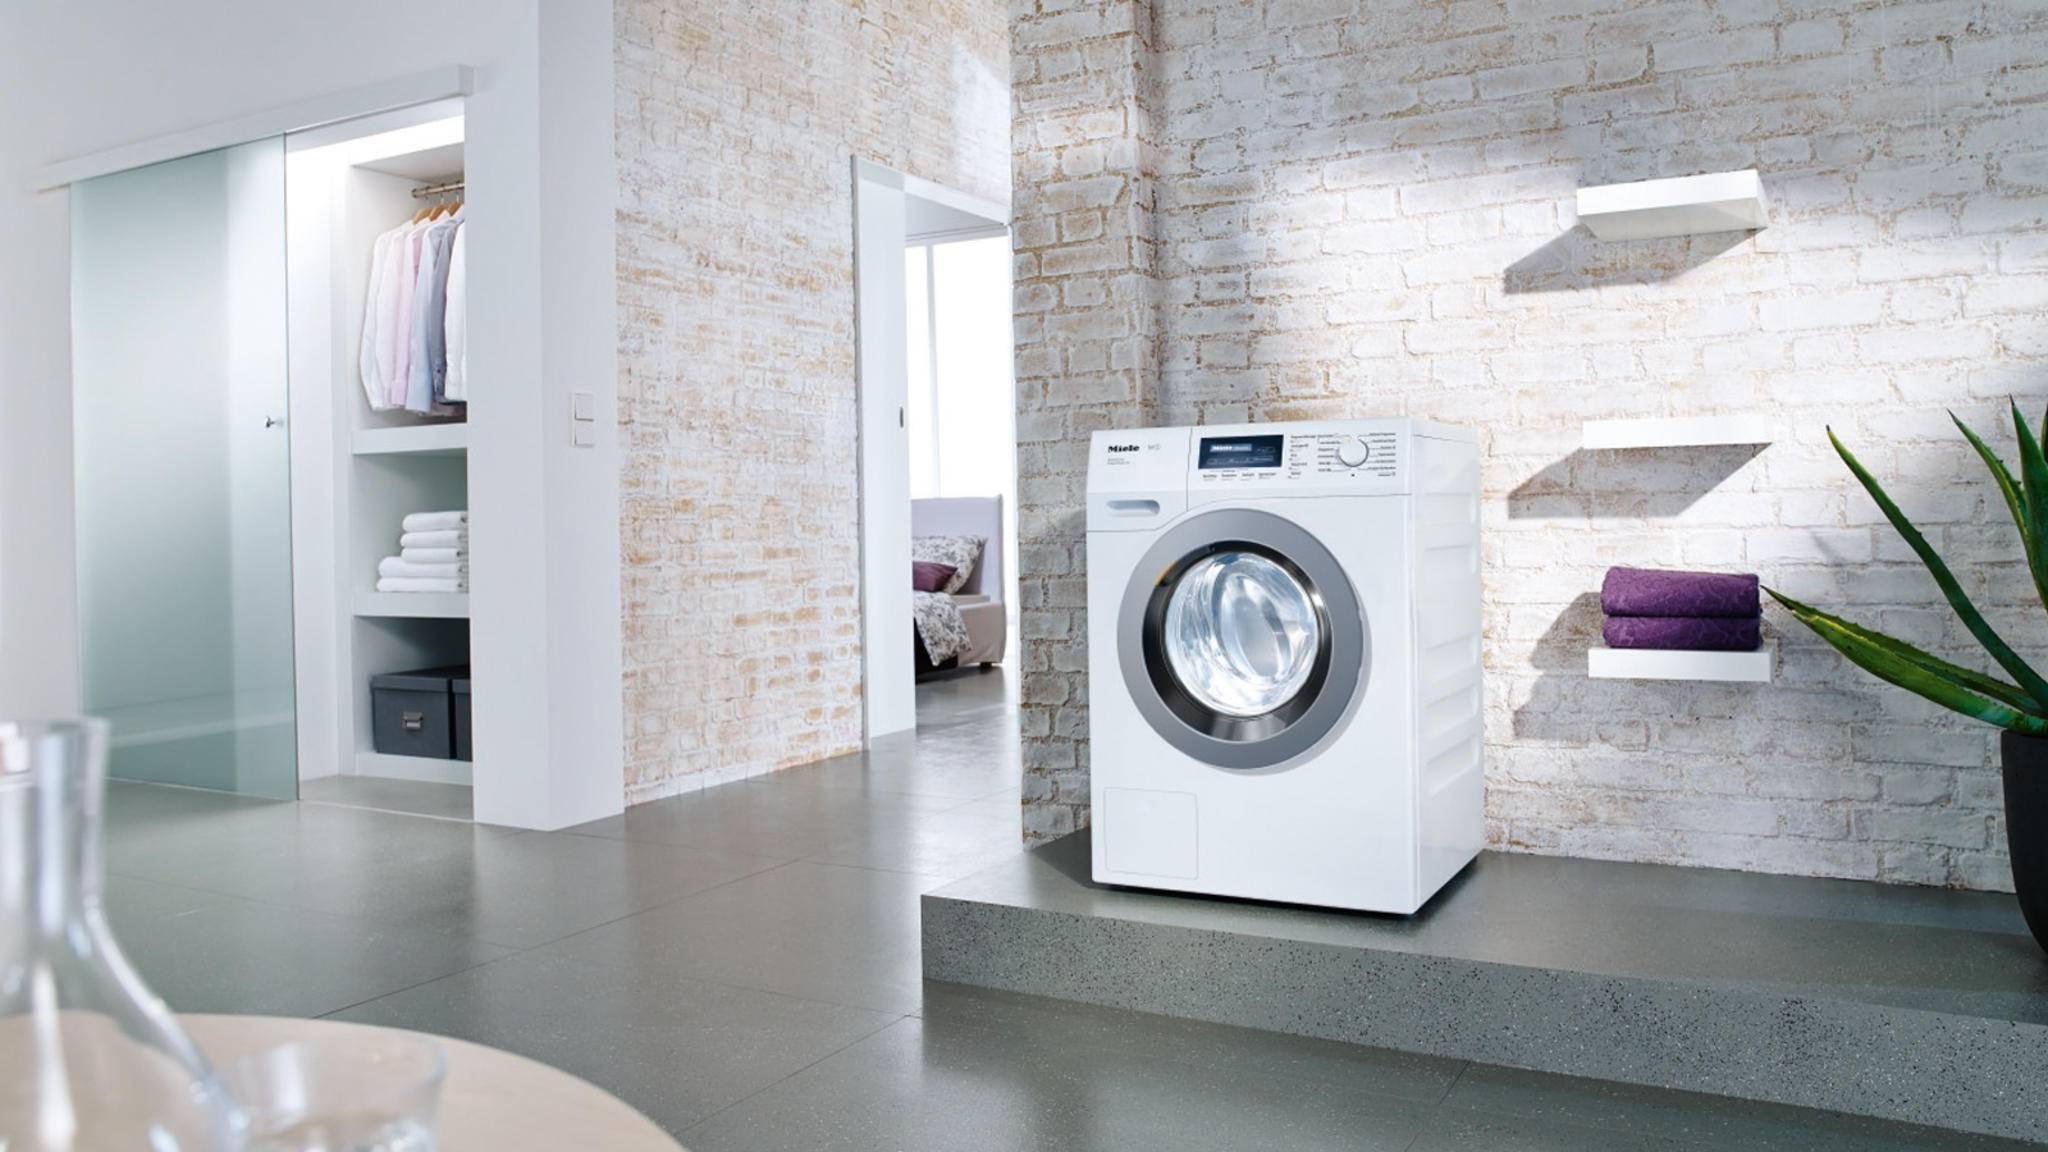 Die WKF 311 WPS SpeedCare von Miele ist einer der großen Sieger im aktuellen Waschmaschinen-Test der Stiftung Warentest.